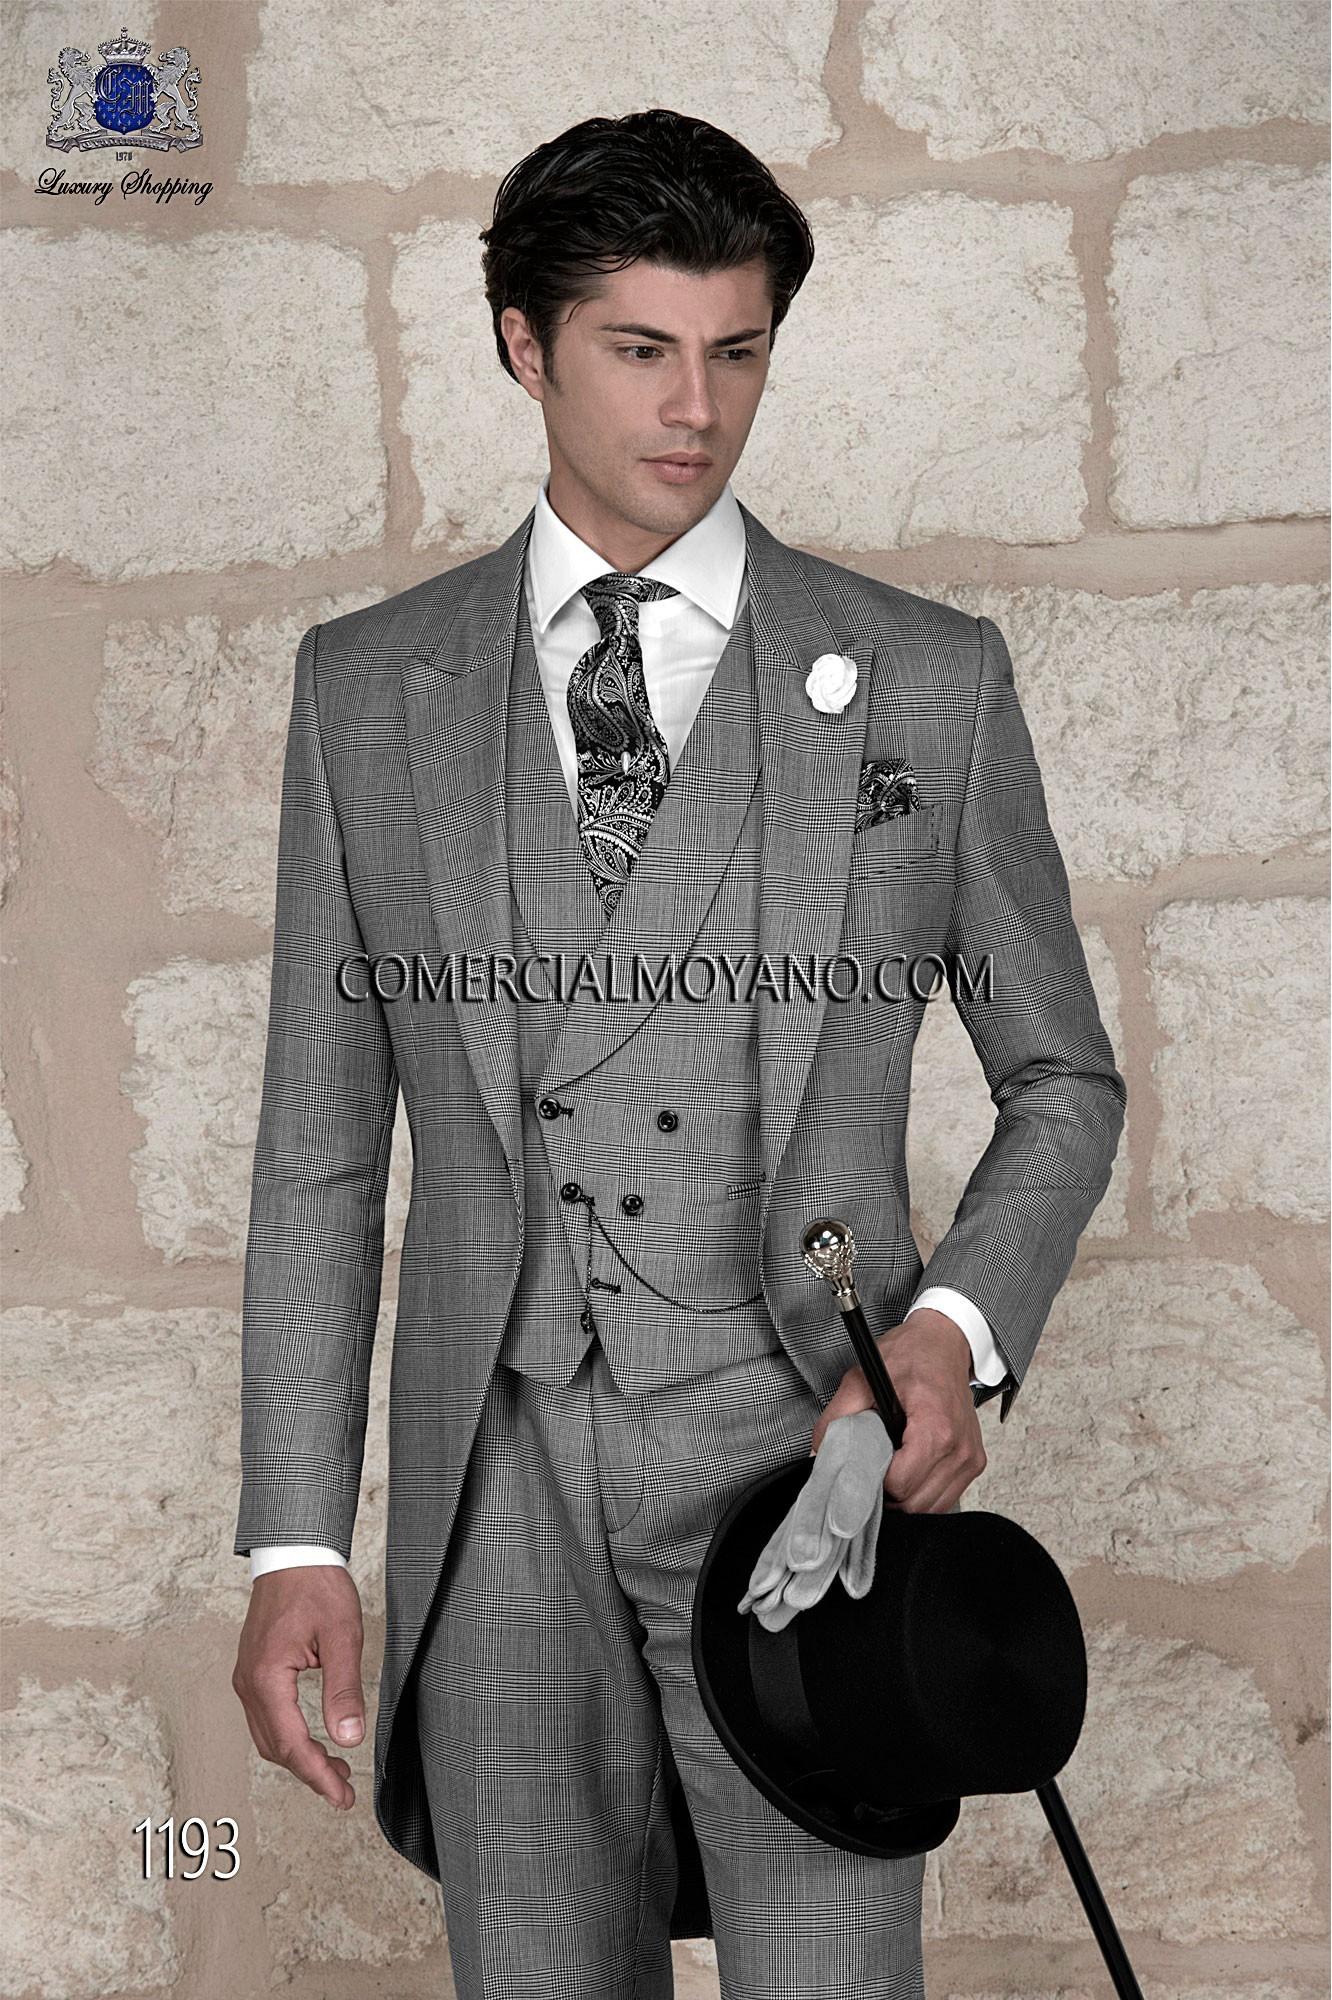 Italienische maßgeschneiderte Hochzeits Cutaway, Prinz von Wales, Stil 1193 Ottavio Nuccio Gala, 2015 Gentleman Kollektion.